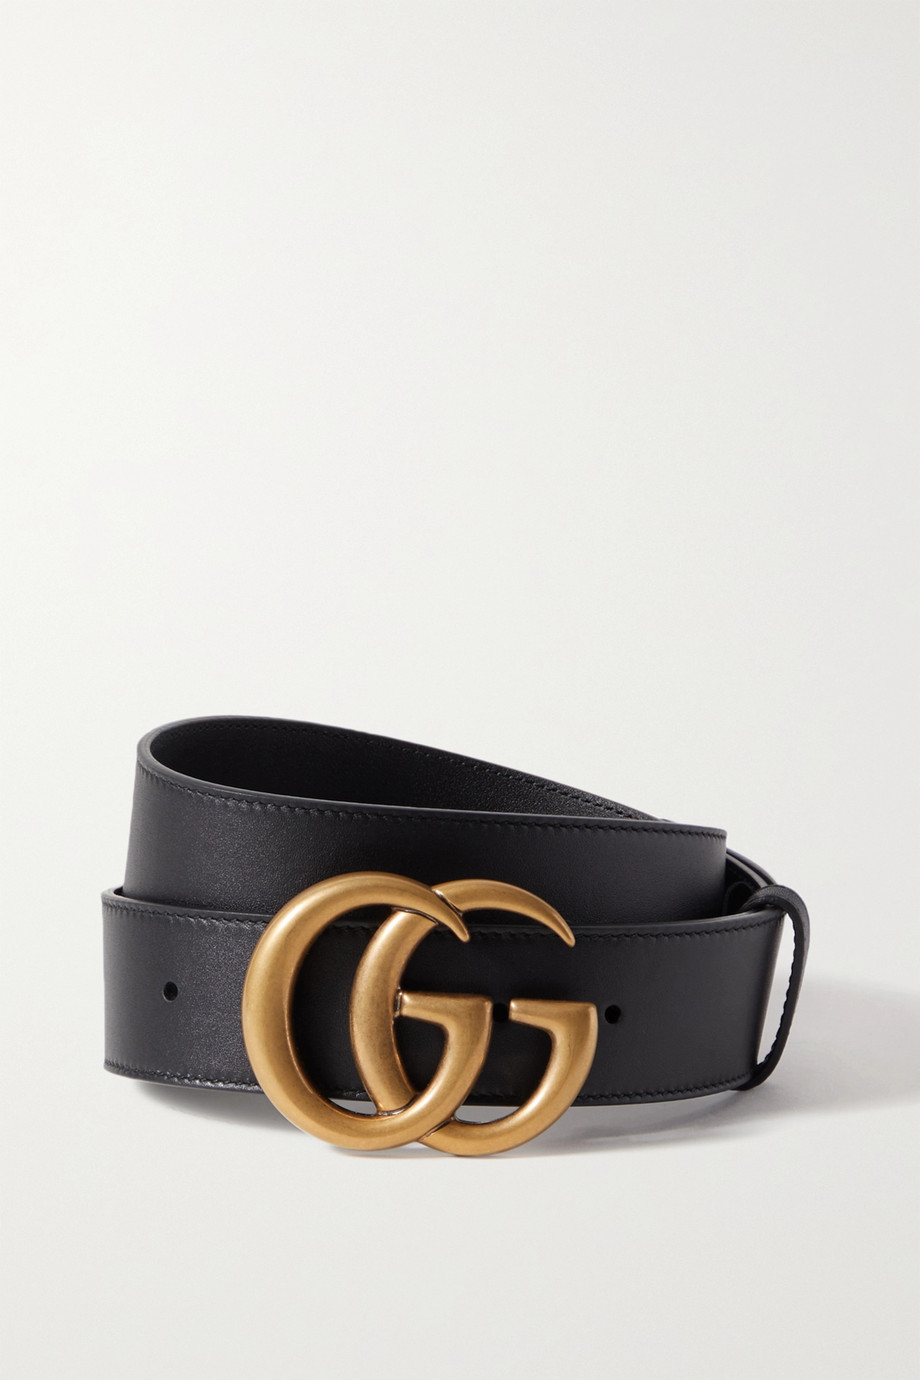 Gucci 皮革腰带